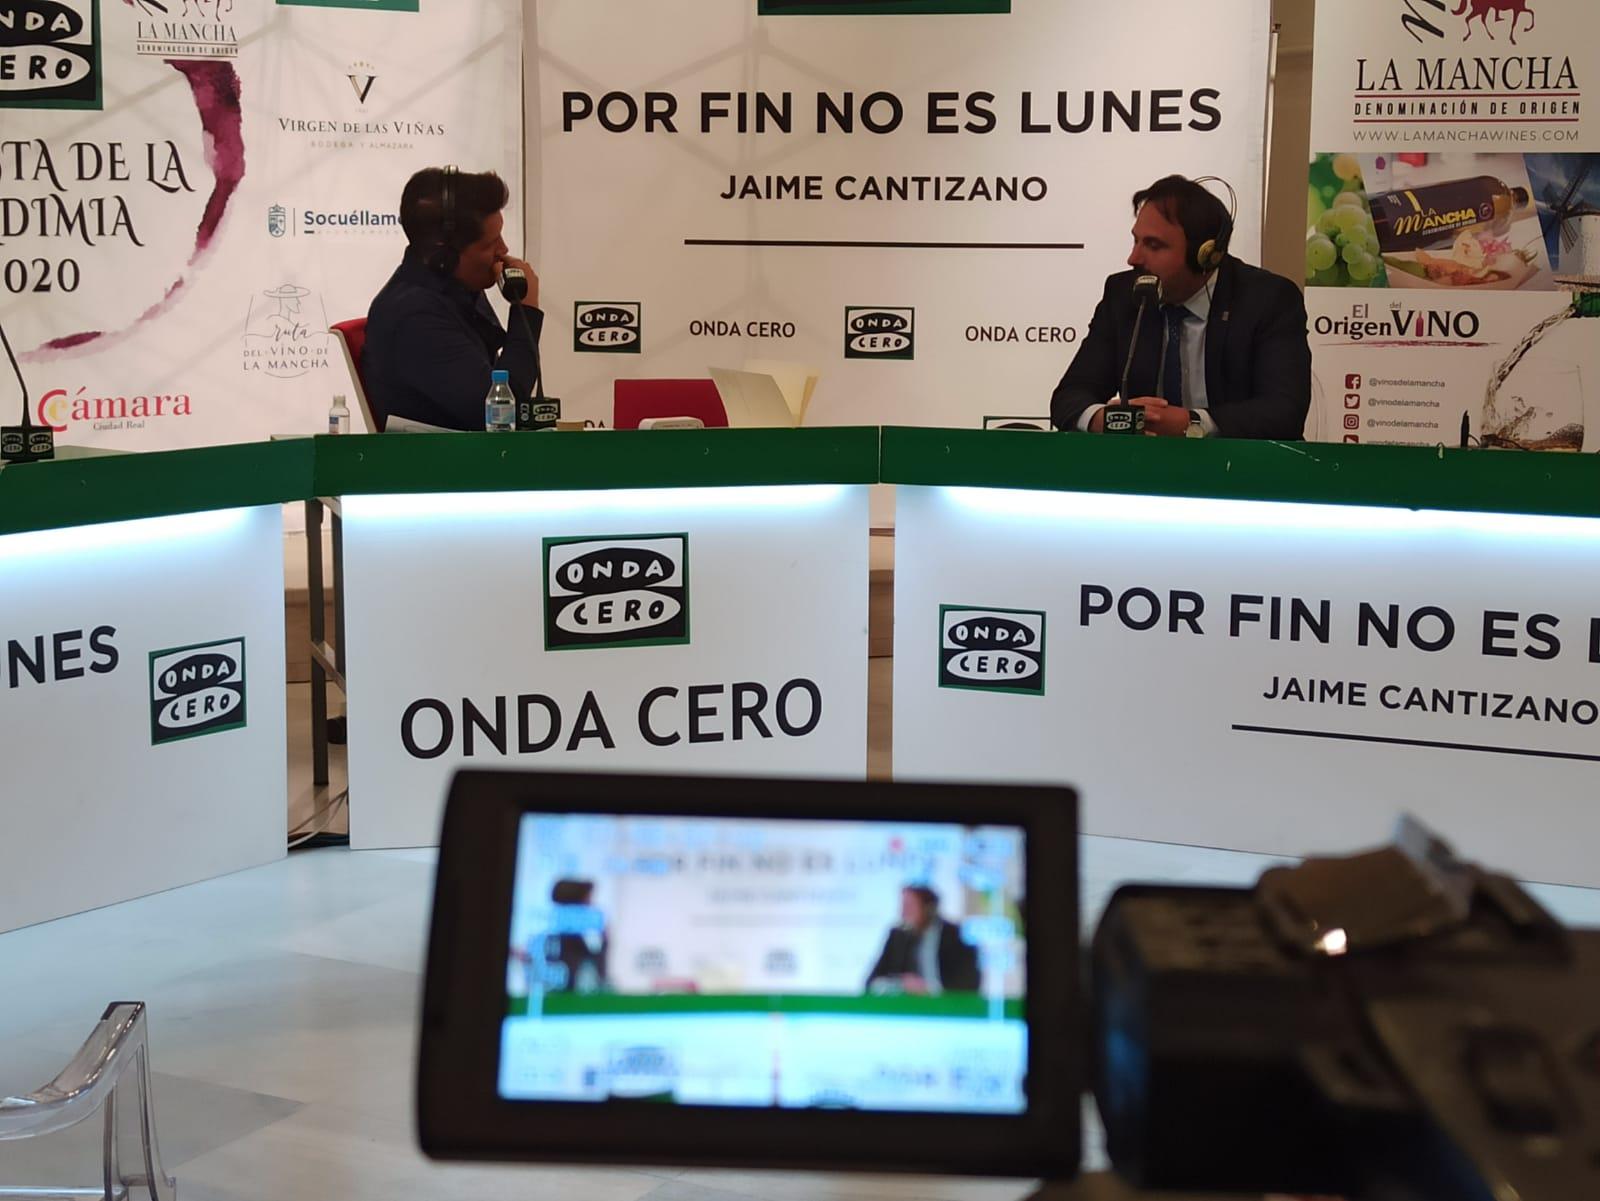 Jaime Cantizano entrevista al presidente de la DO La Mancha